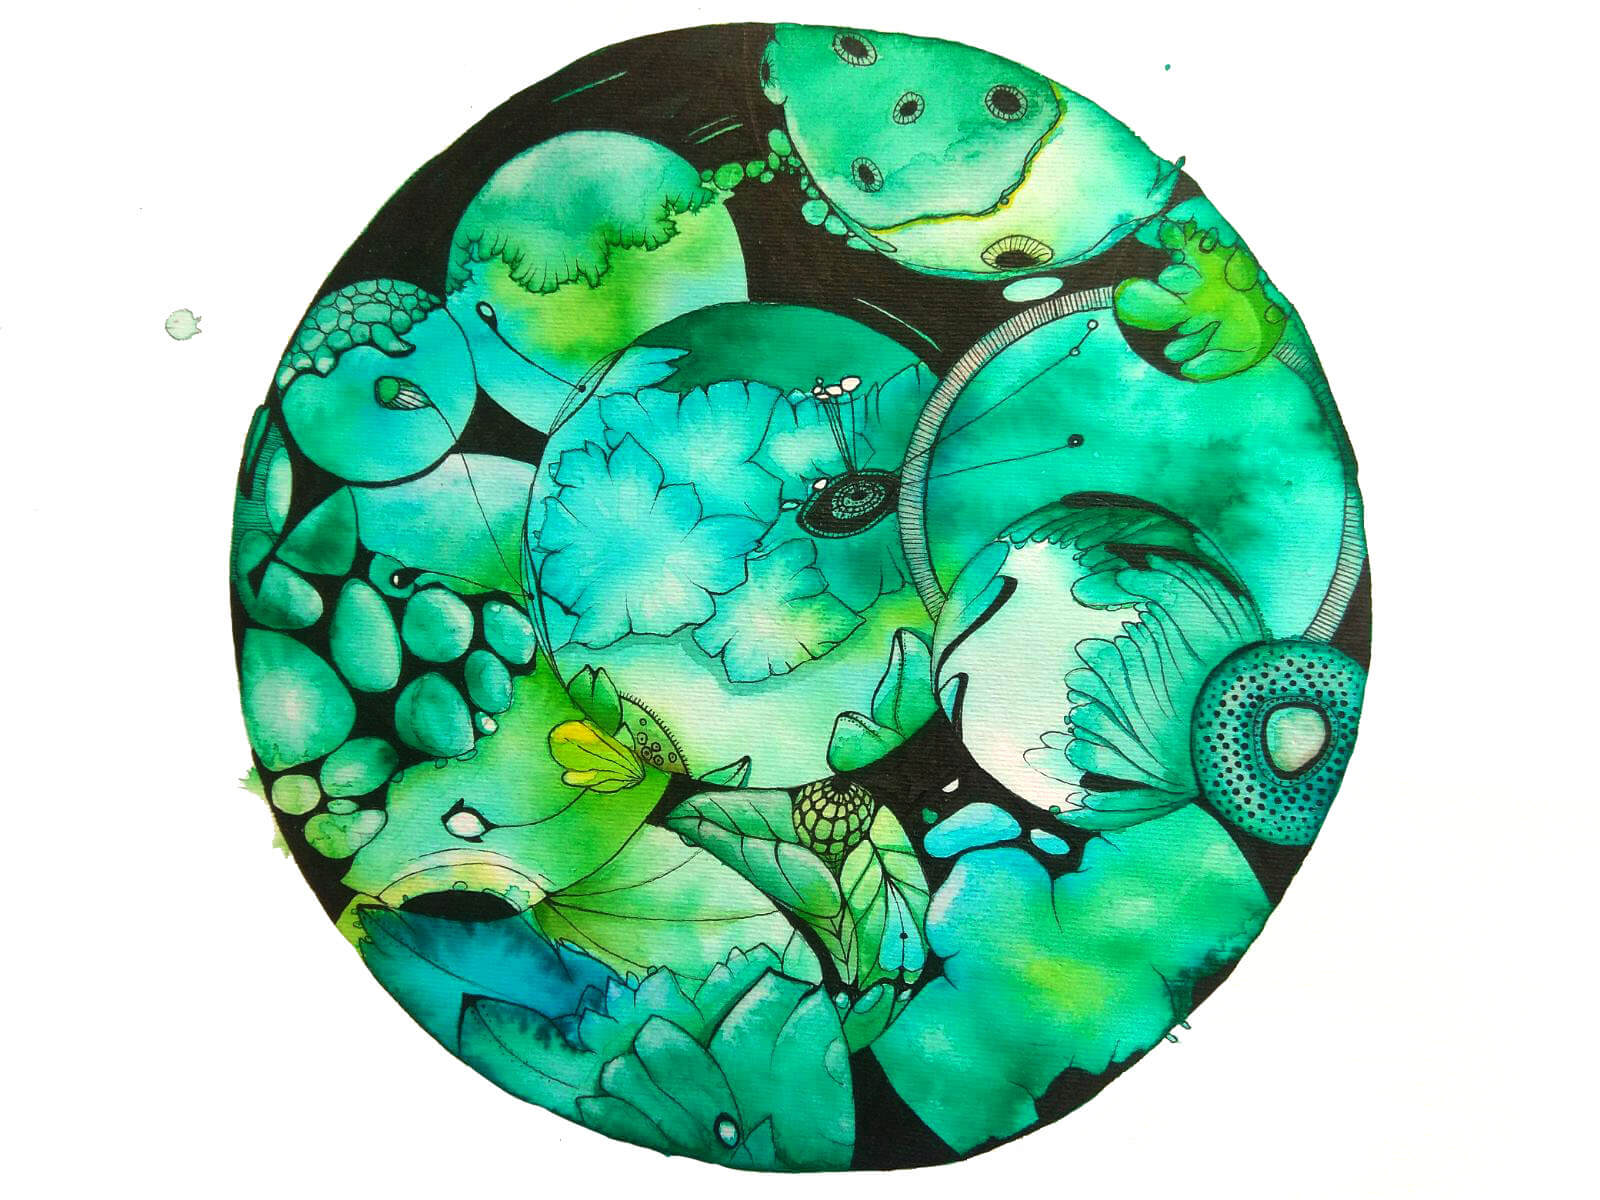 Microorganismos. Aquarela y tinta